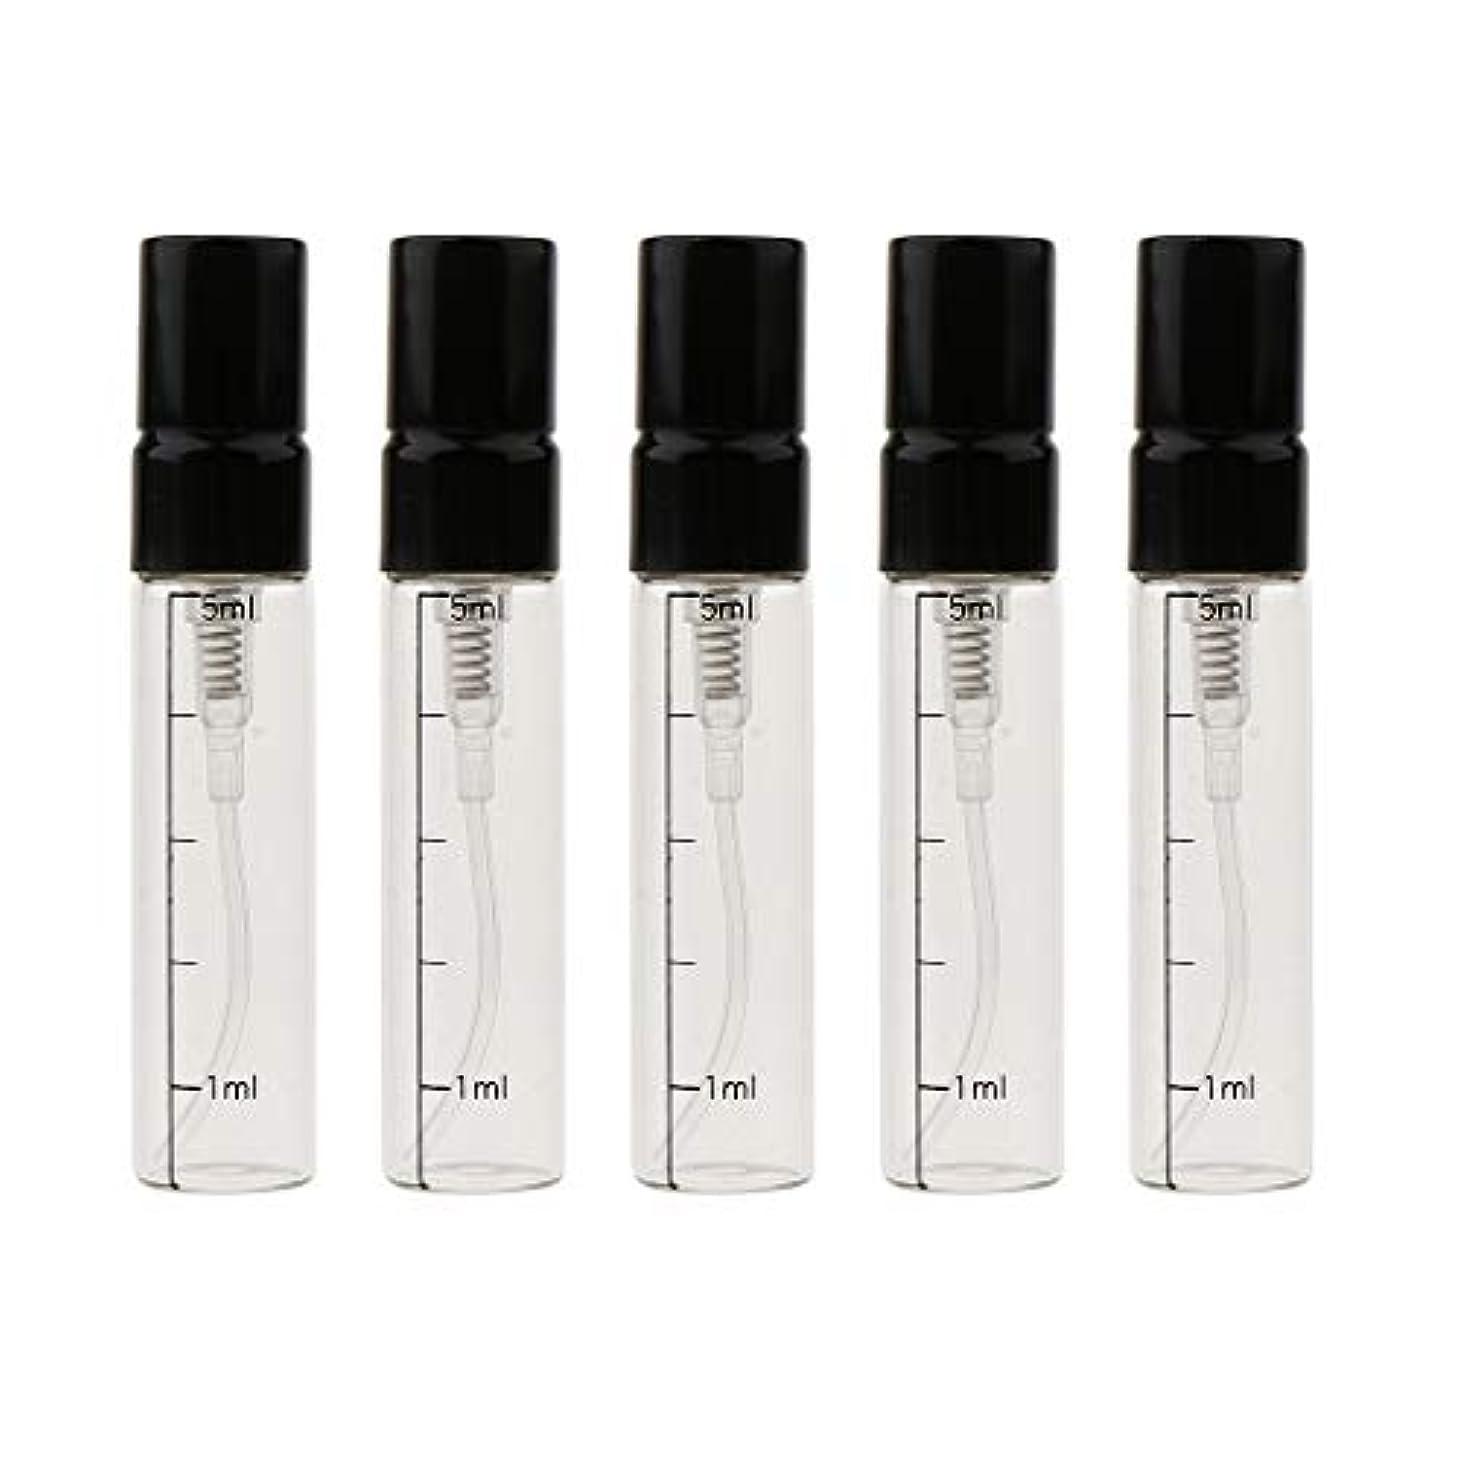 いくつかの模索告白香水瓶 スプレー ガラス エッセンシャルオイル ボトル 香水 精油 詰替え容器 3色選べ - ゴールド